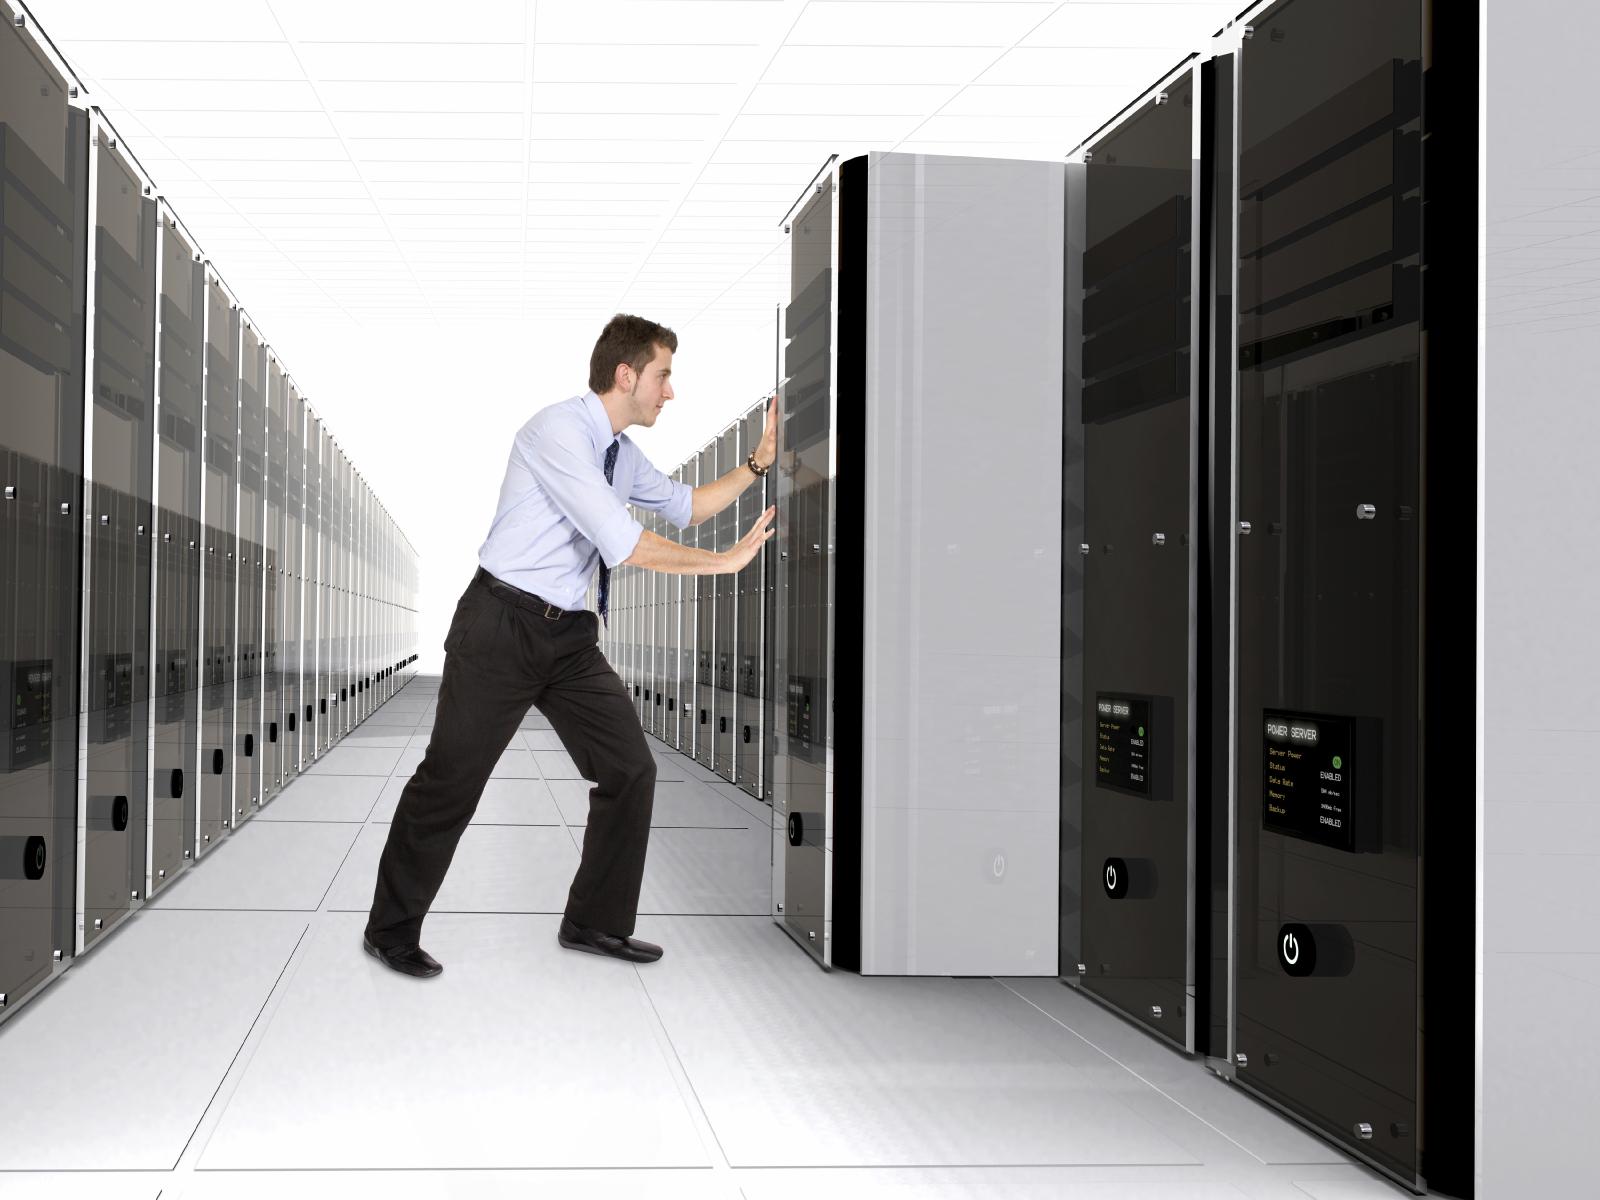 Аналог xrumer на linux обмен ссылками раскрутка сайтов